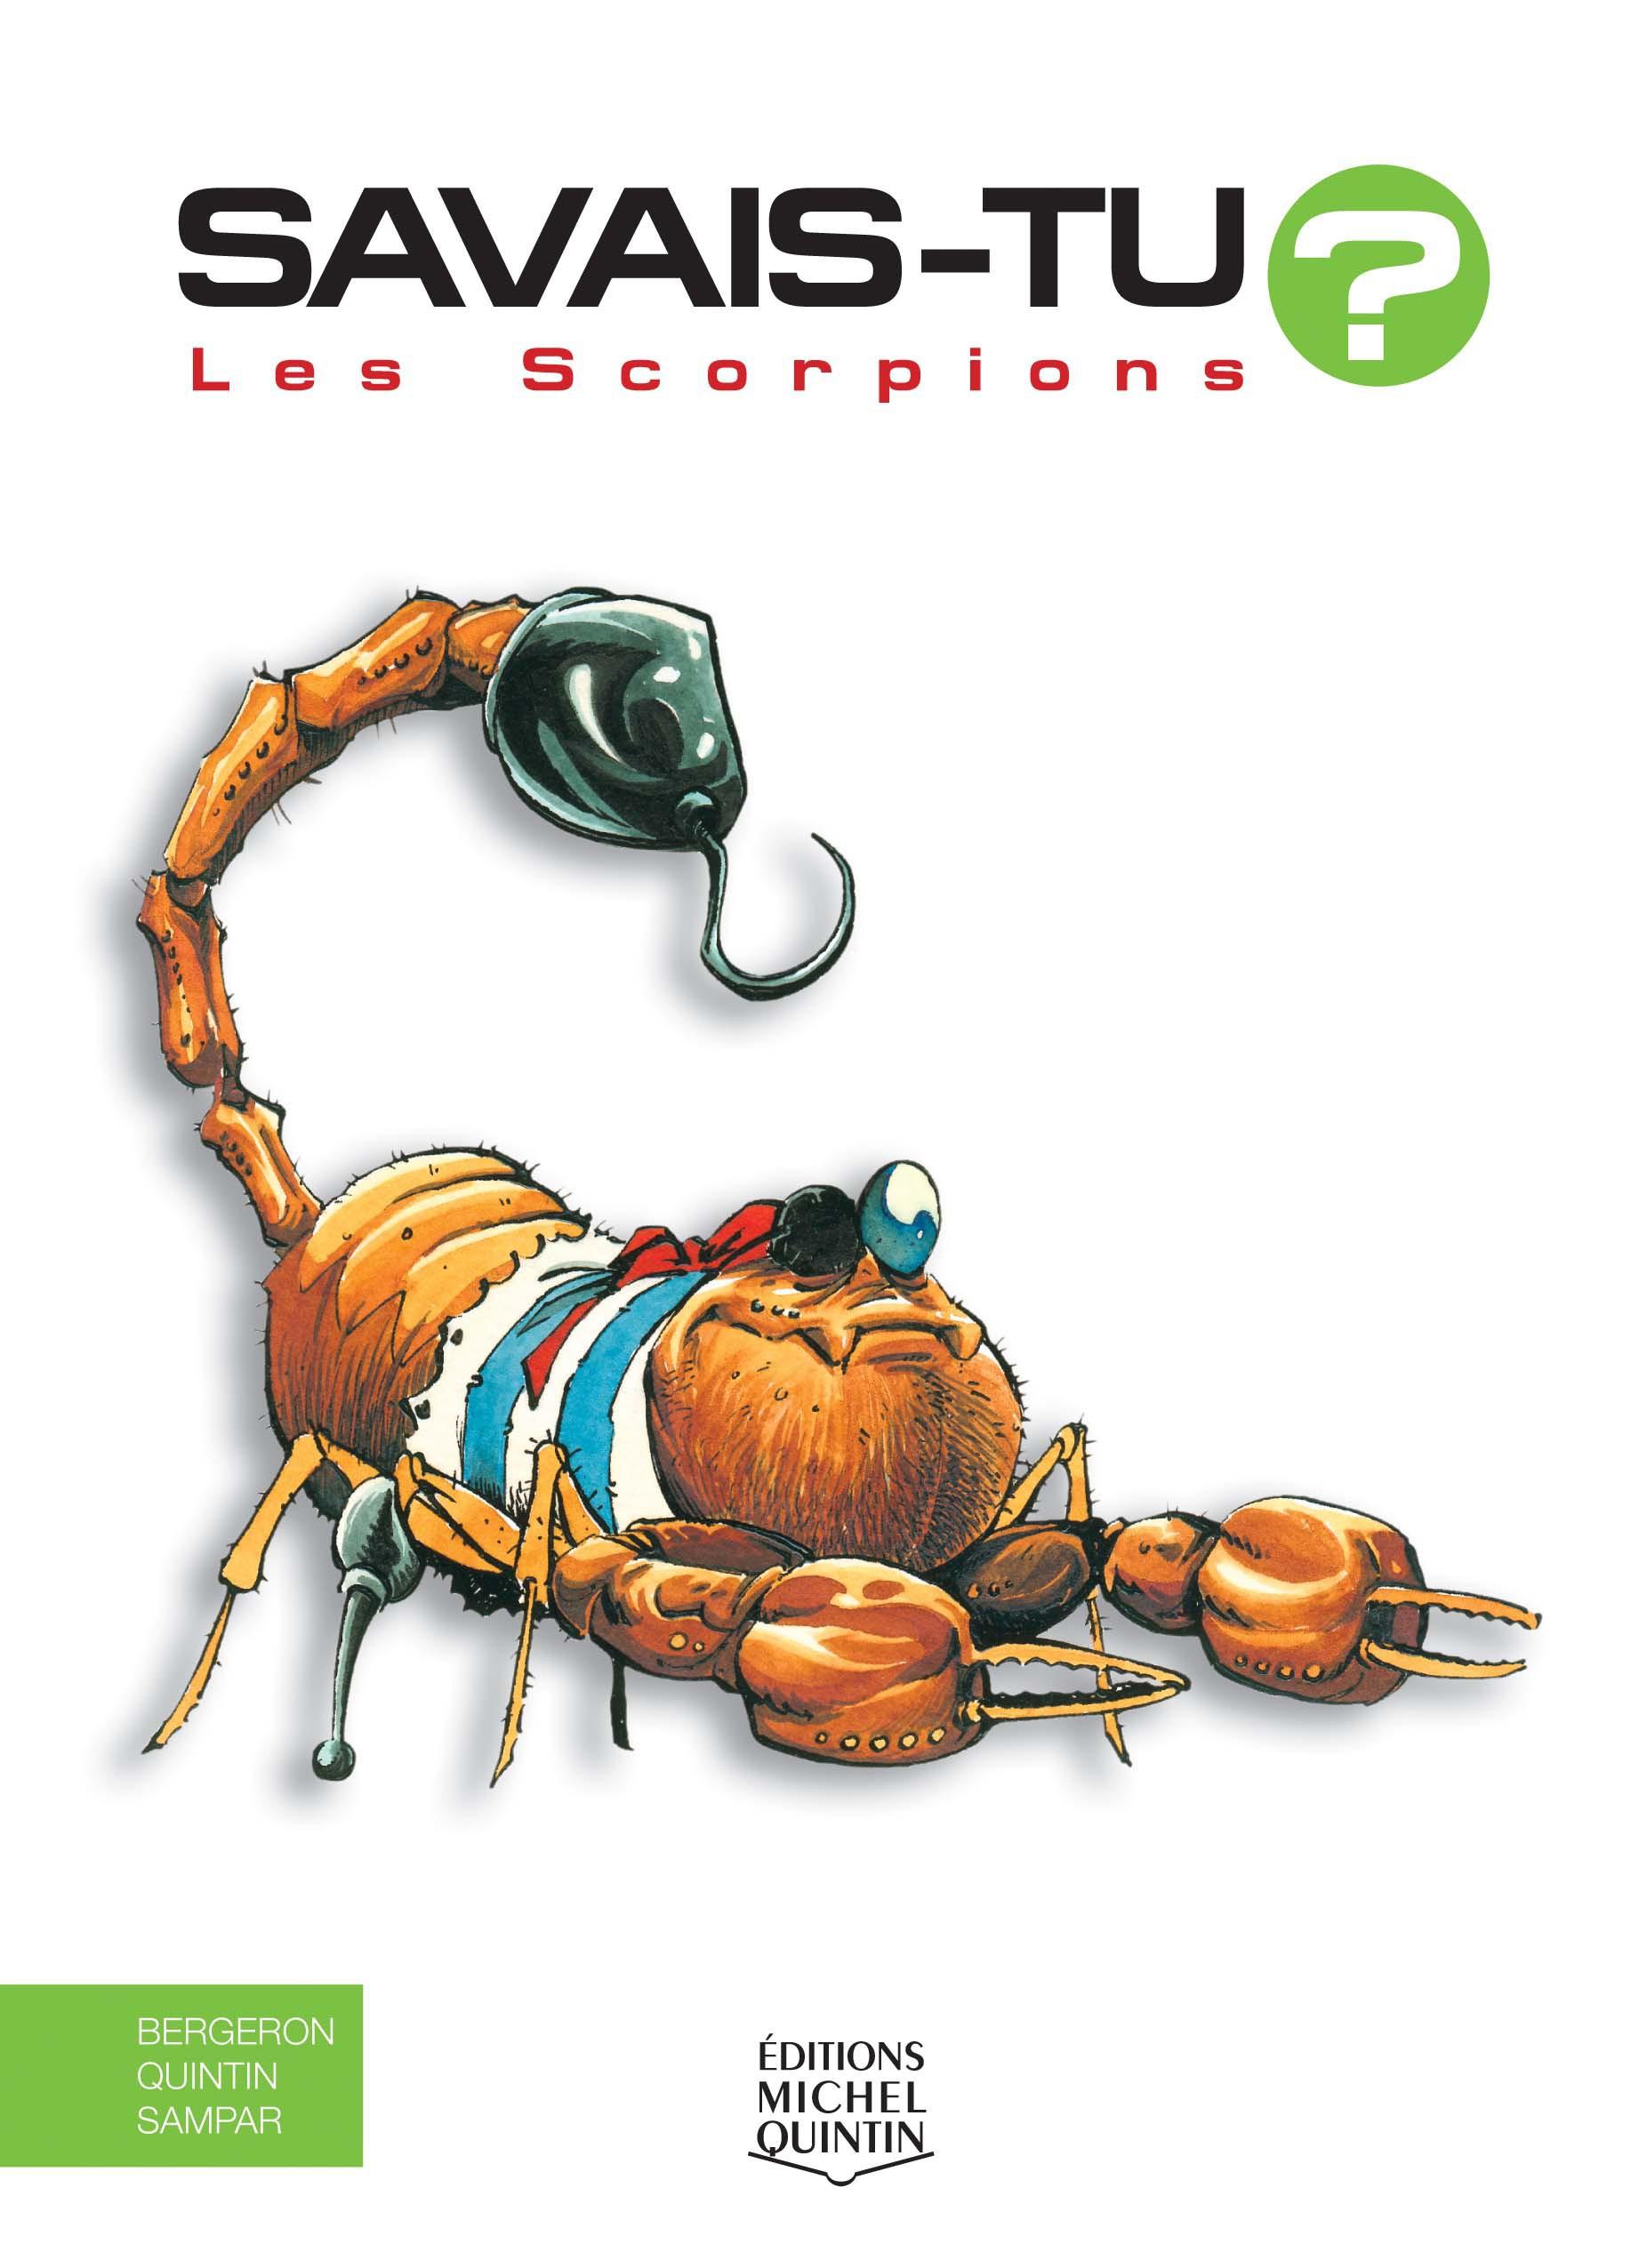 Savais-tu? - En couleurs 5 - Les Scorpions